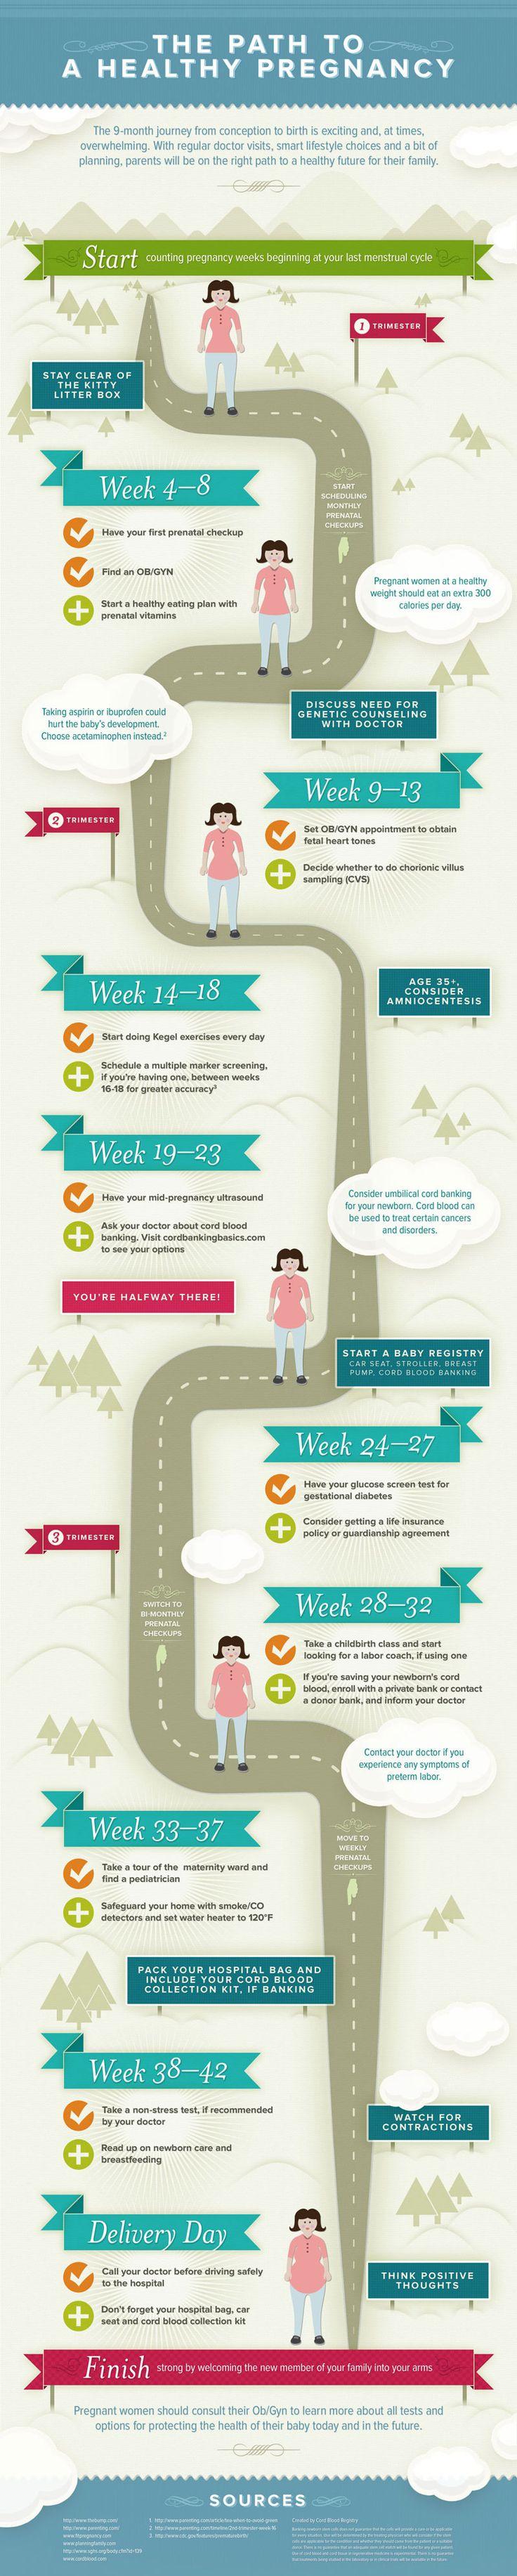 El proceso de un embarazo saludable #infografia #infographic #health